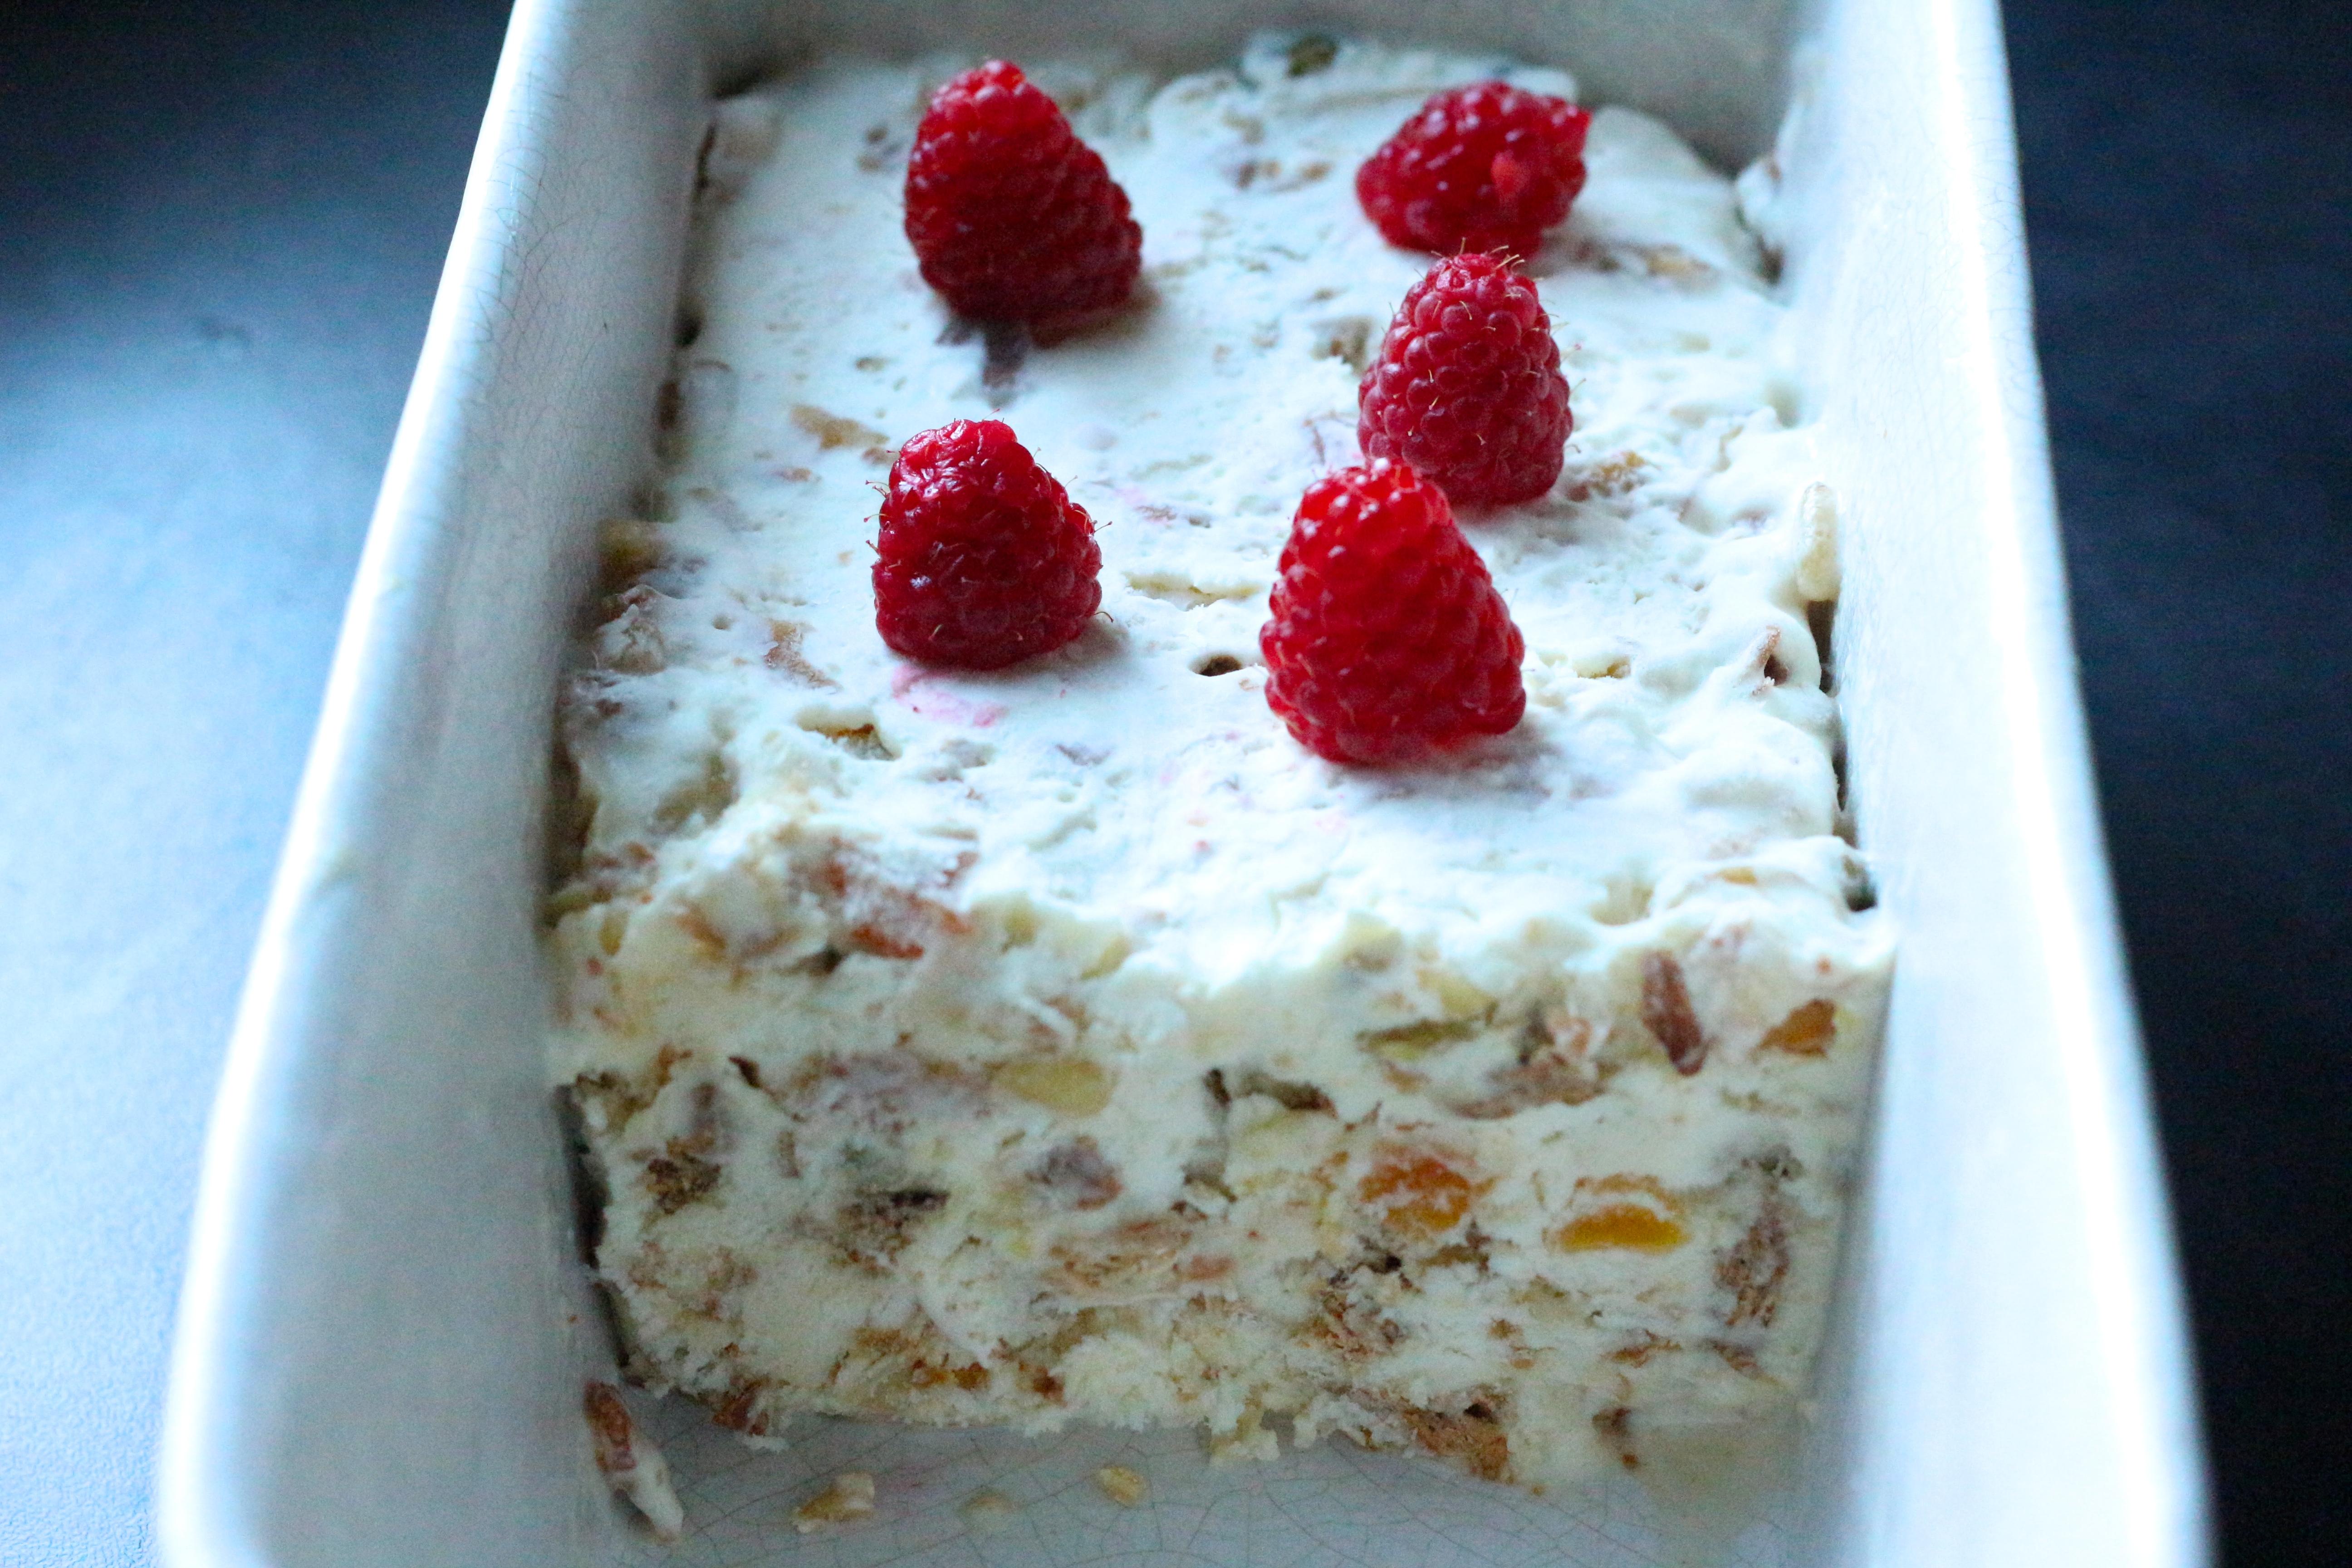 Recette facile du Nougat Glacé _ Iced nougat easy recipe